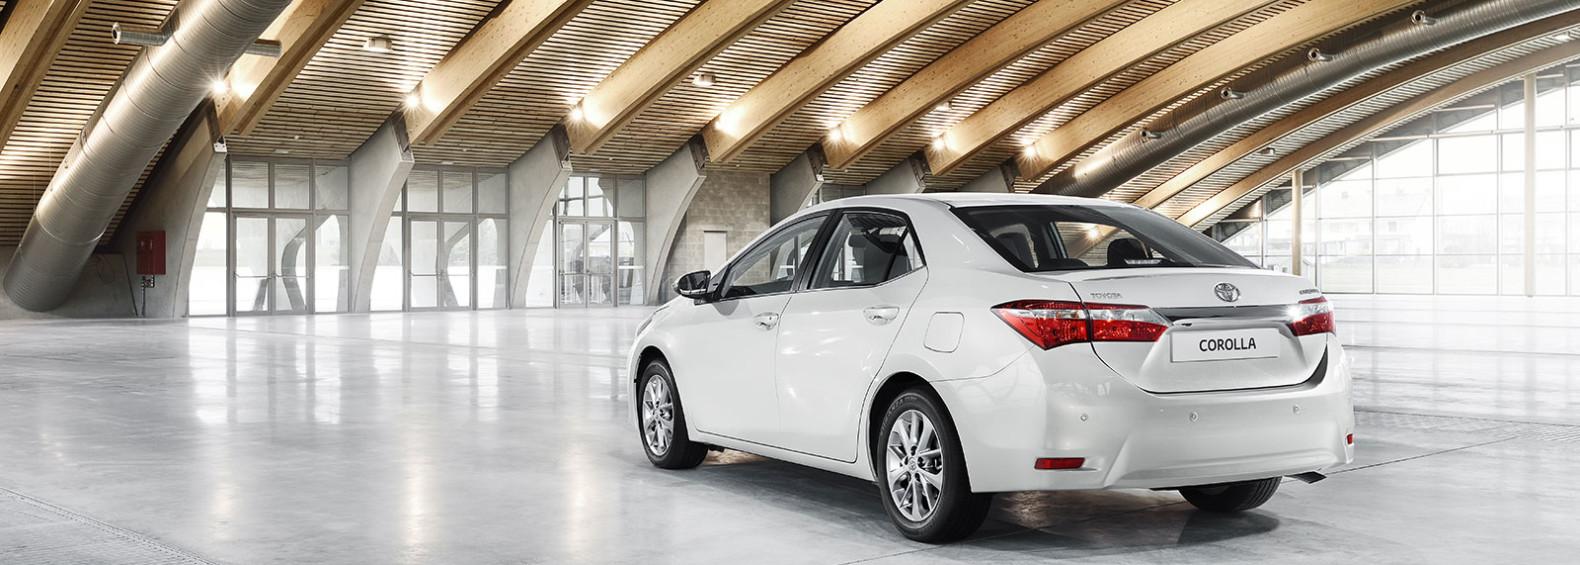 Новые авто в кредит севастополе